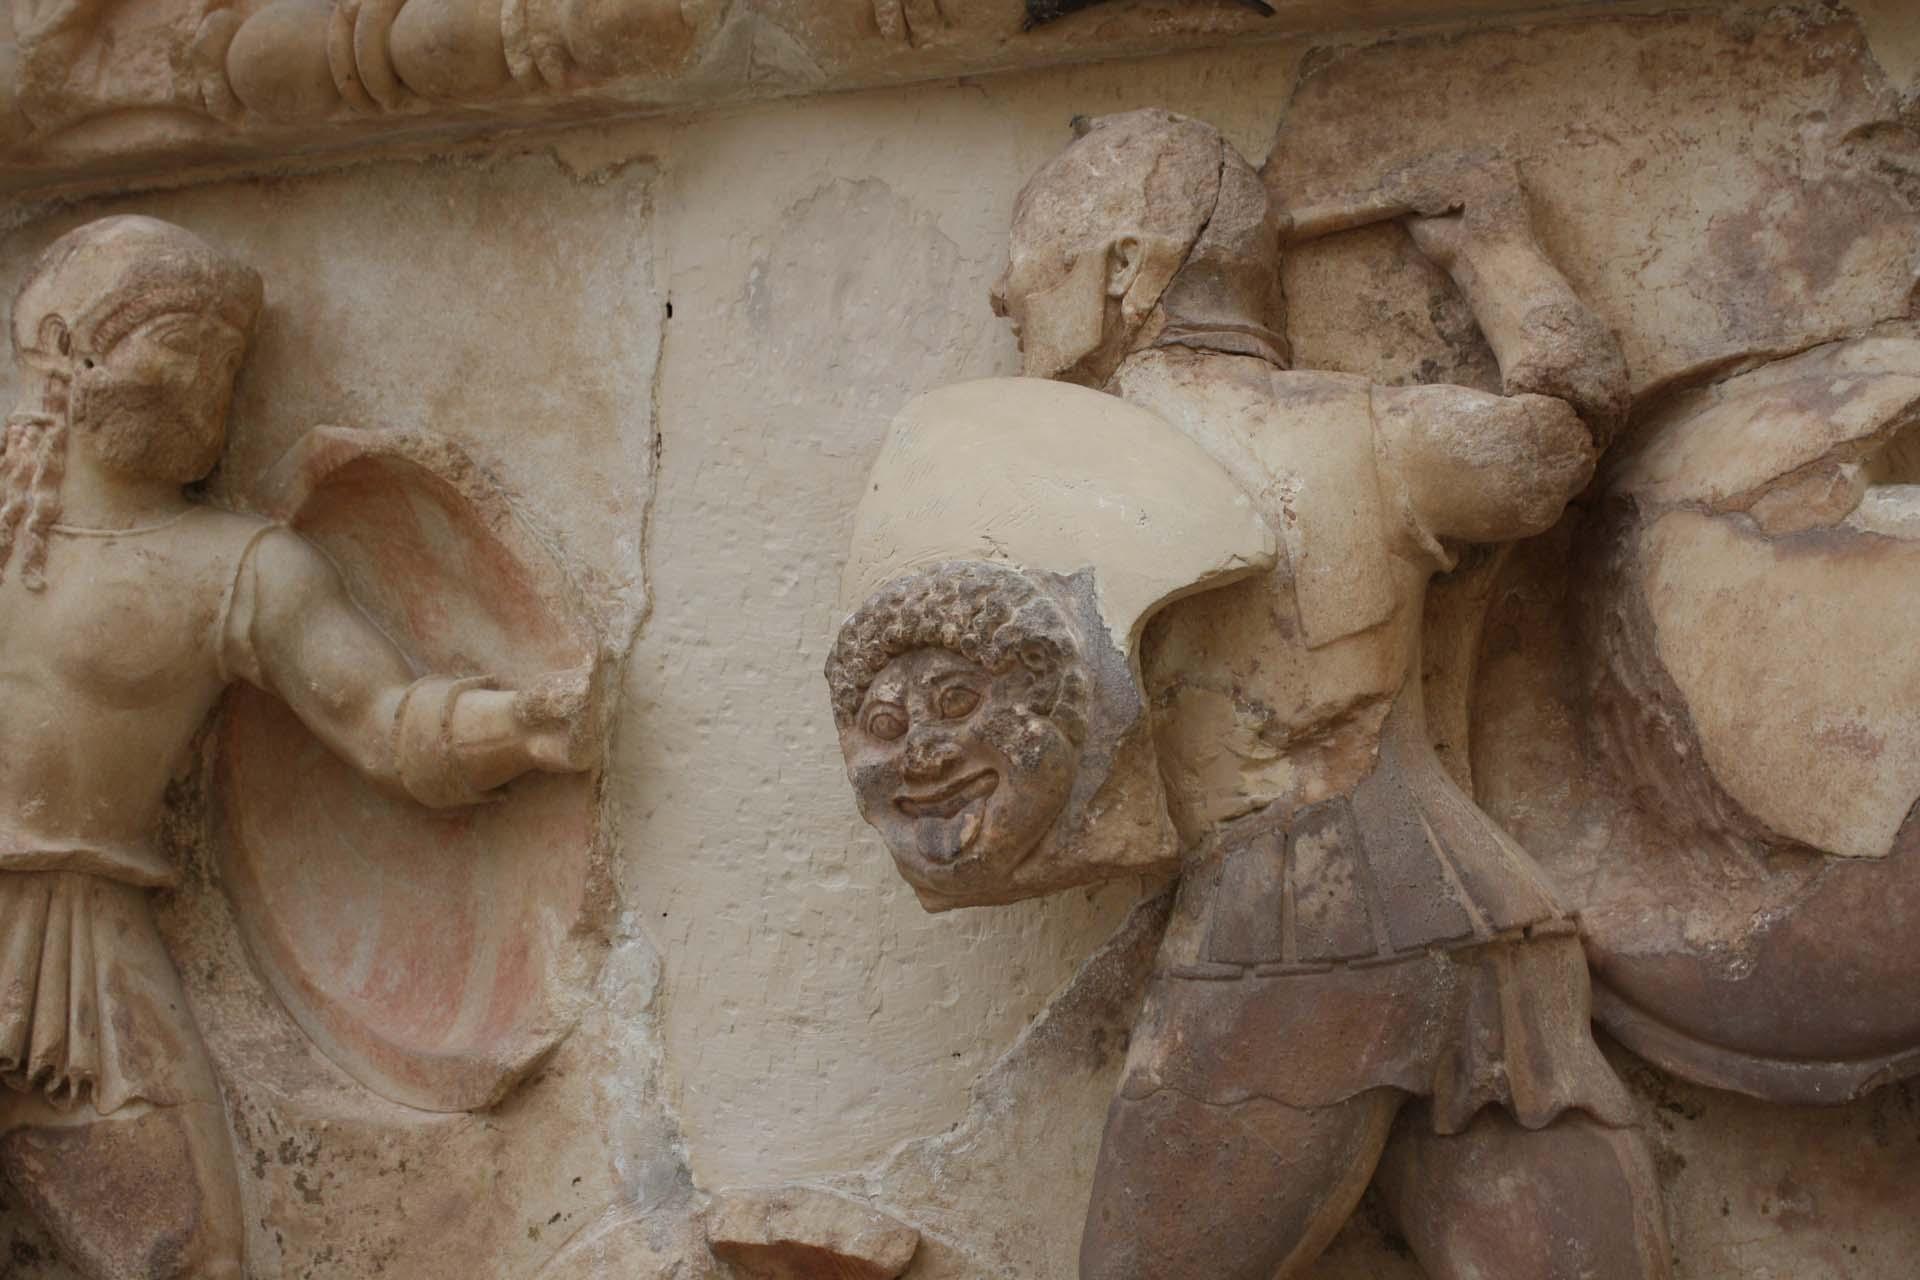 Bataille frise du trésor de Siphnos au Musée de Delphes